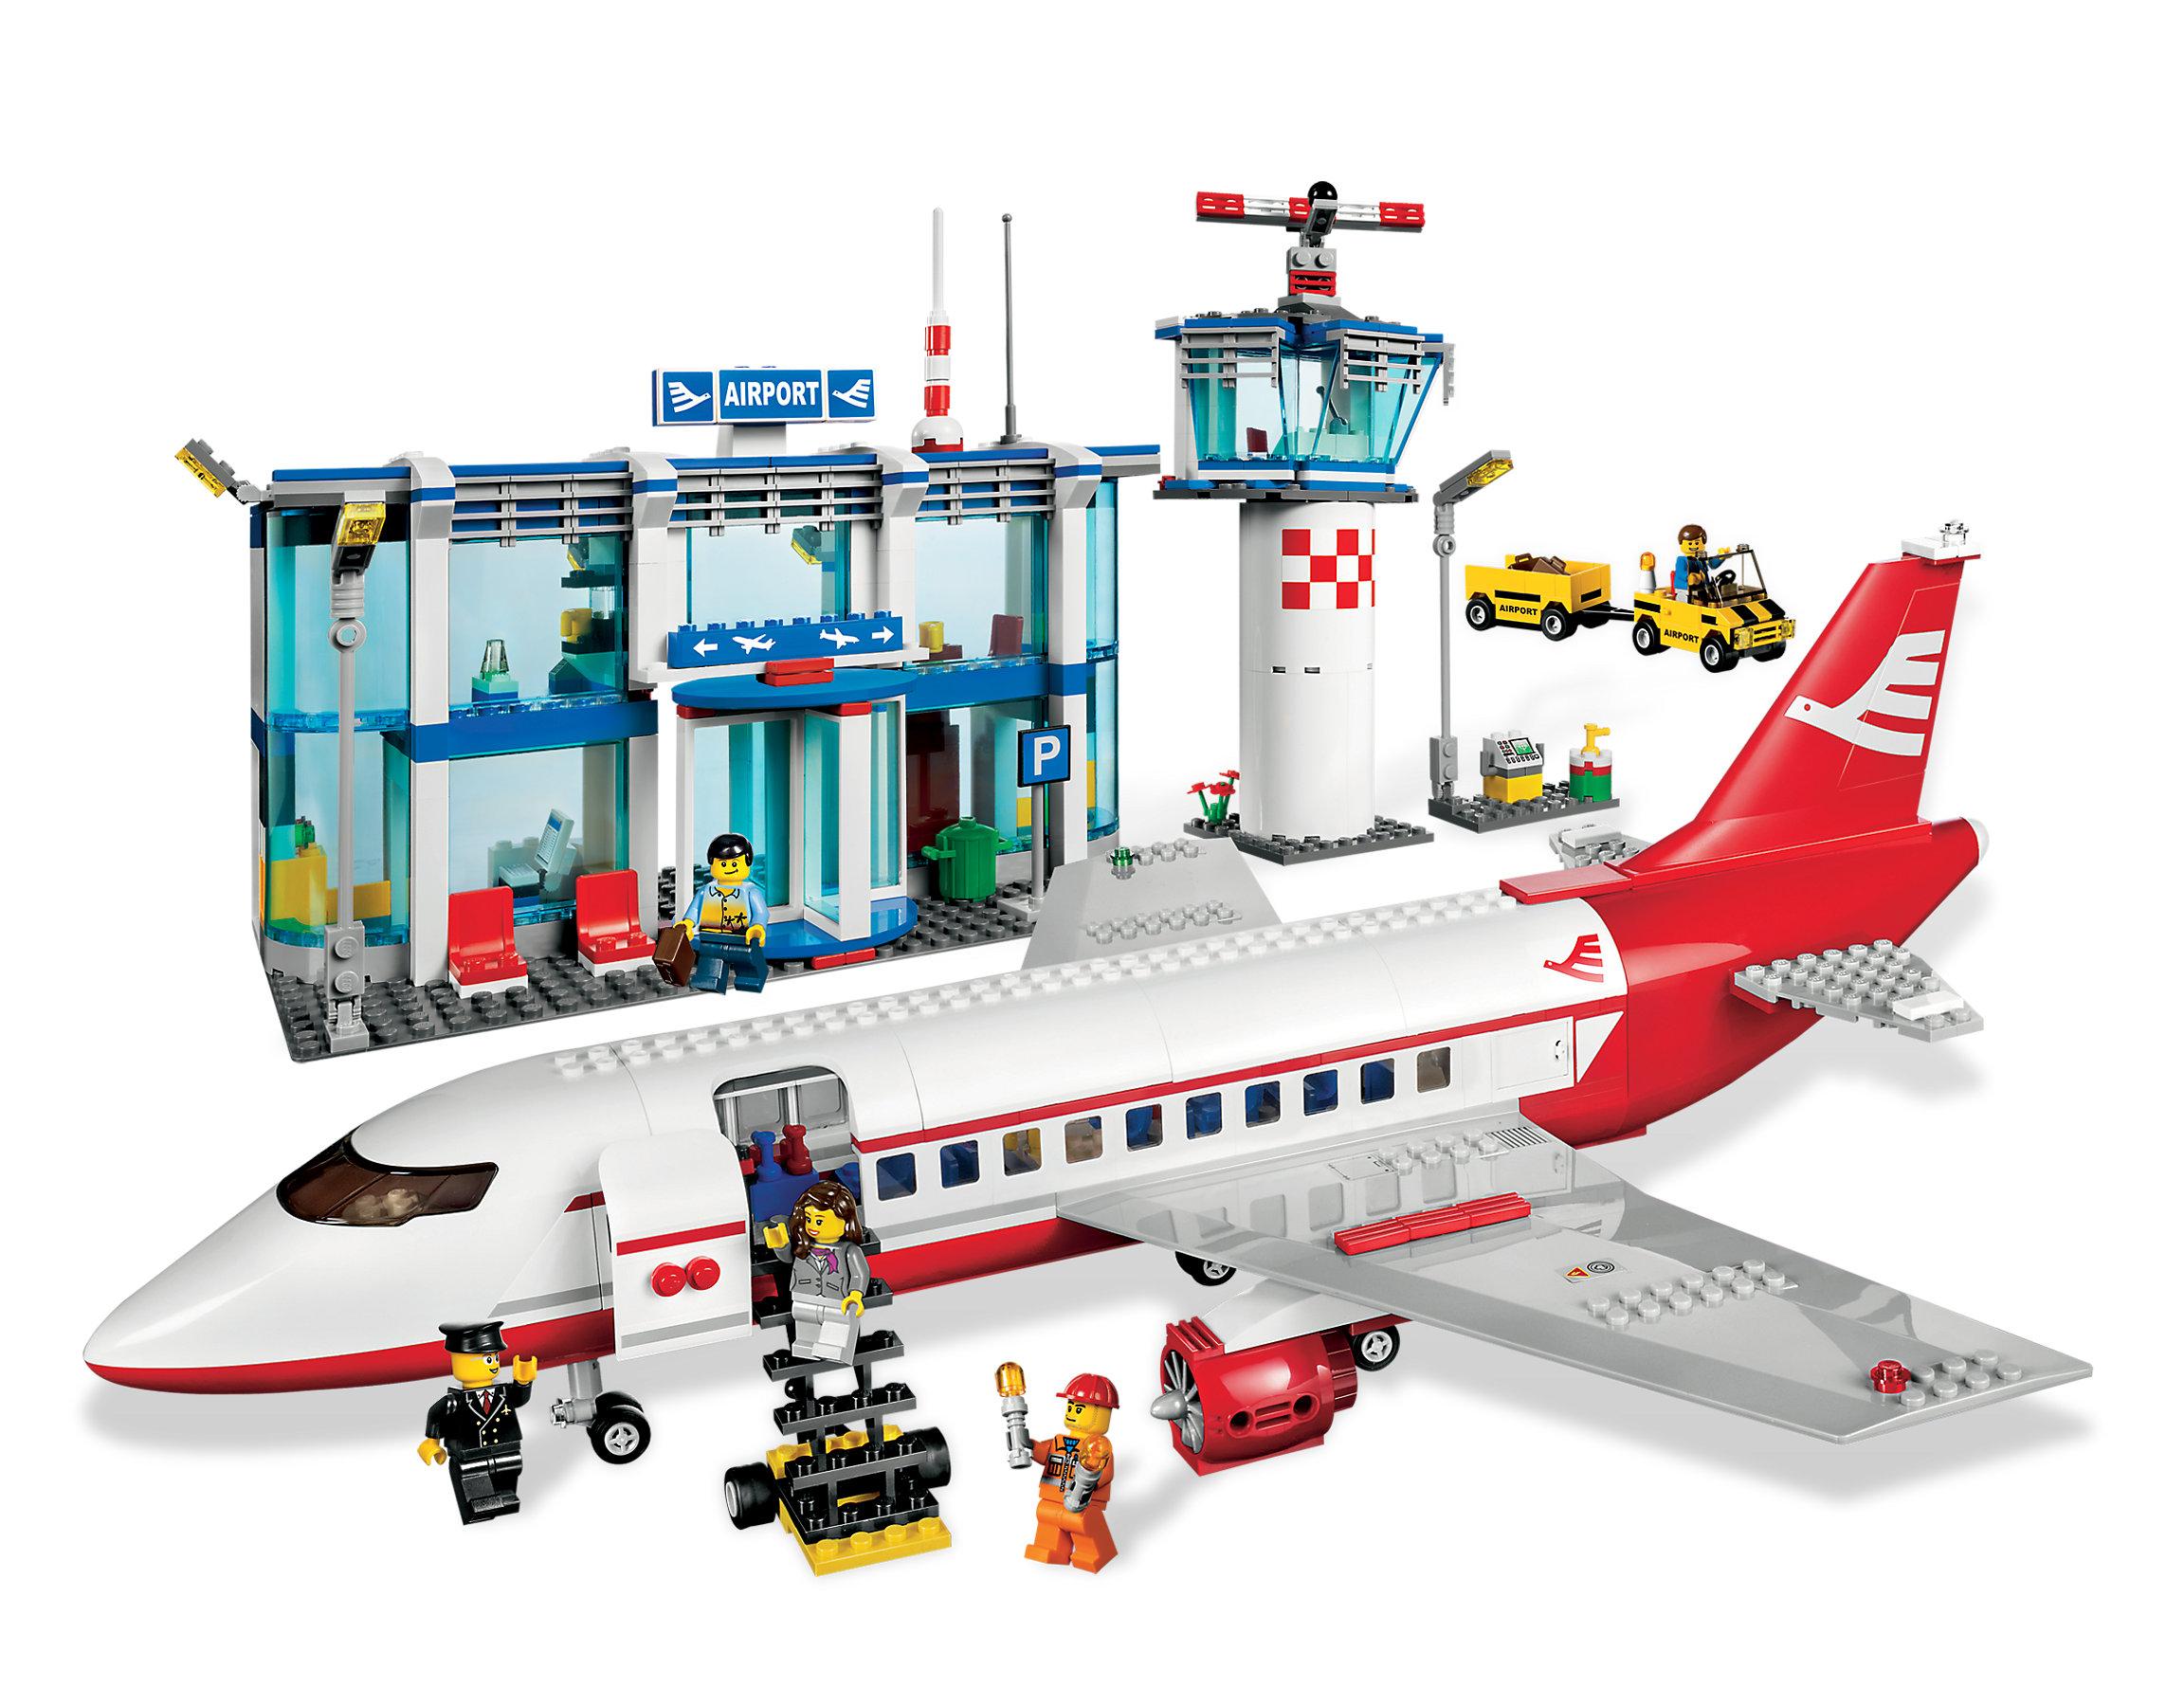 Großer Flughafen 3182 1